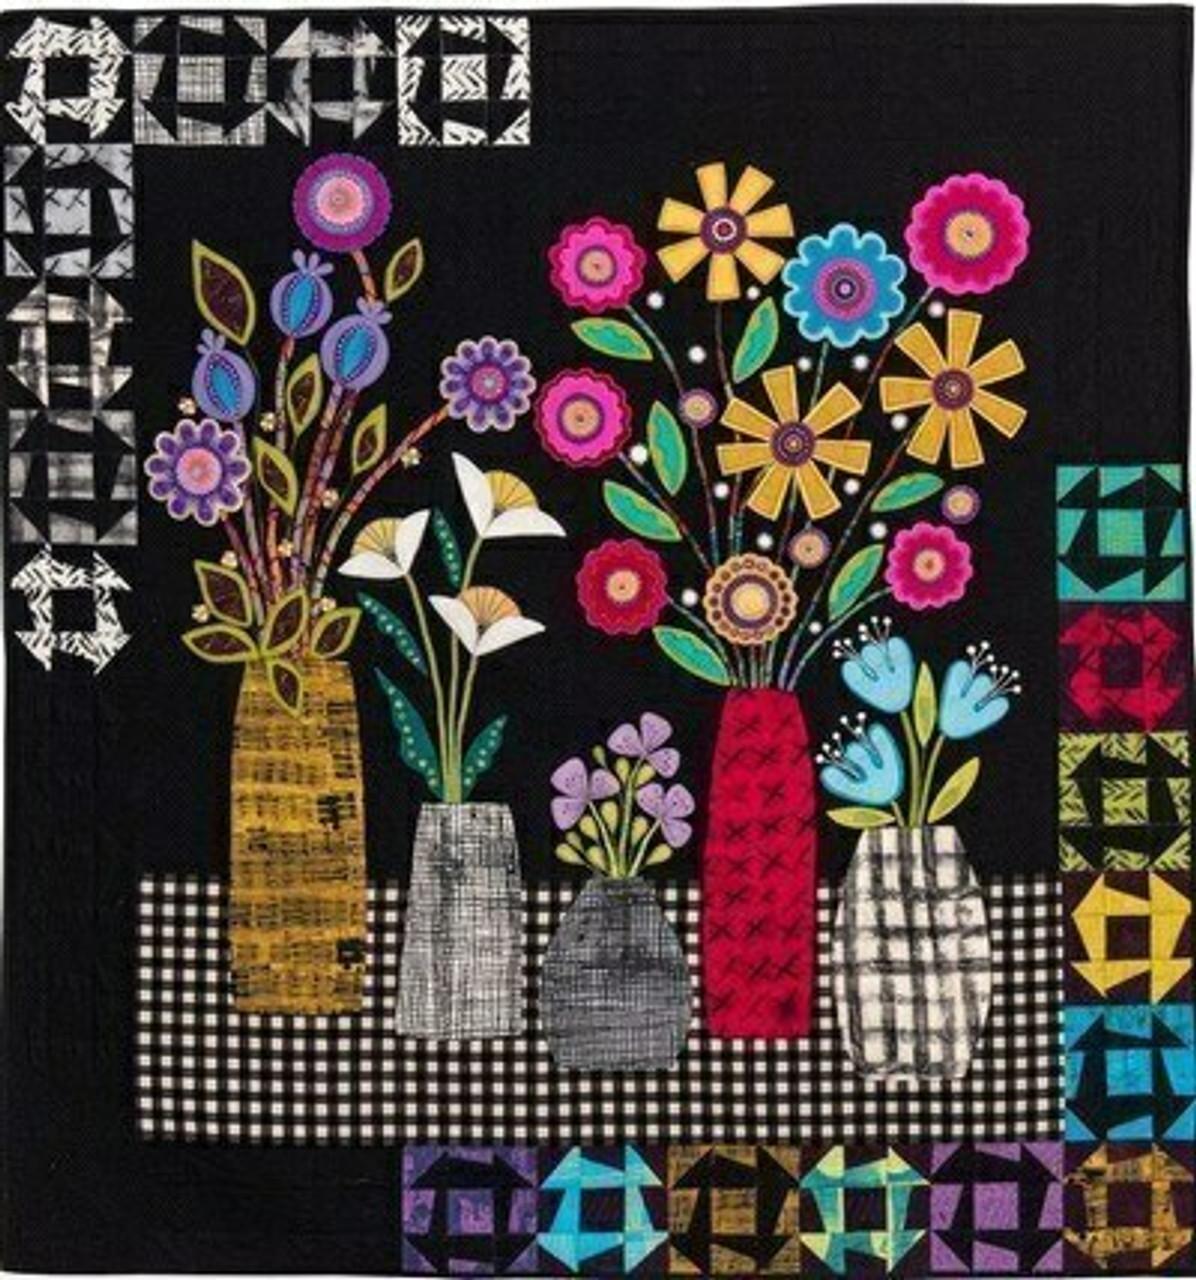 Wendy Williams : Making Arrangements - Quilt Pattern